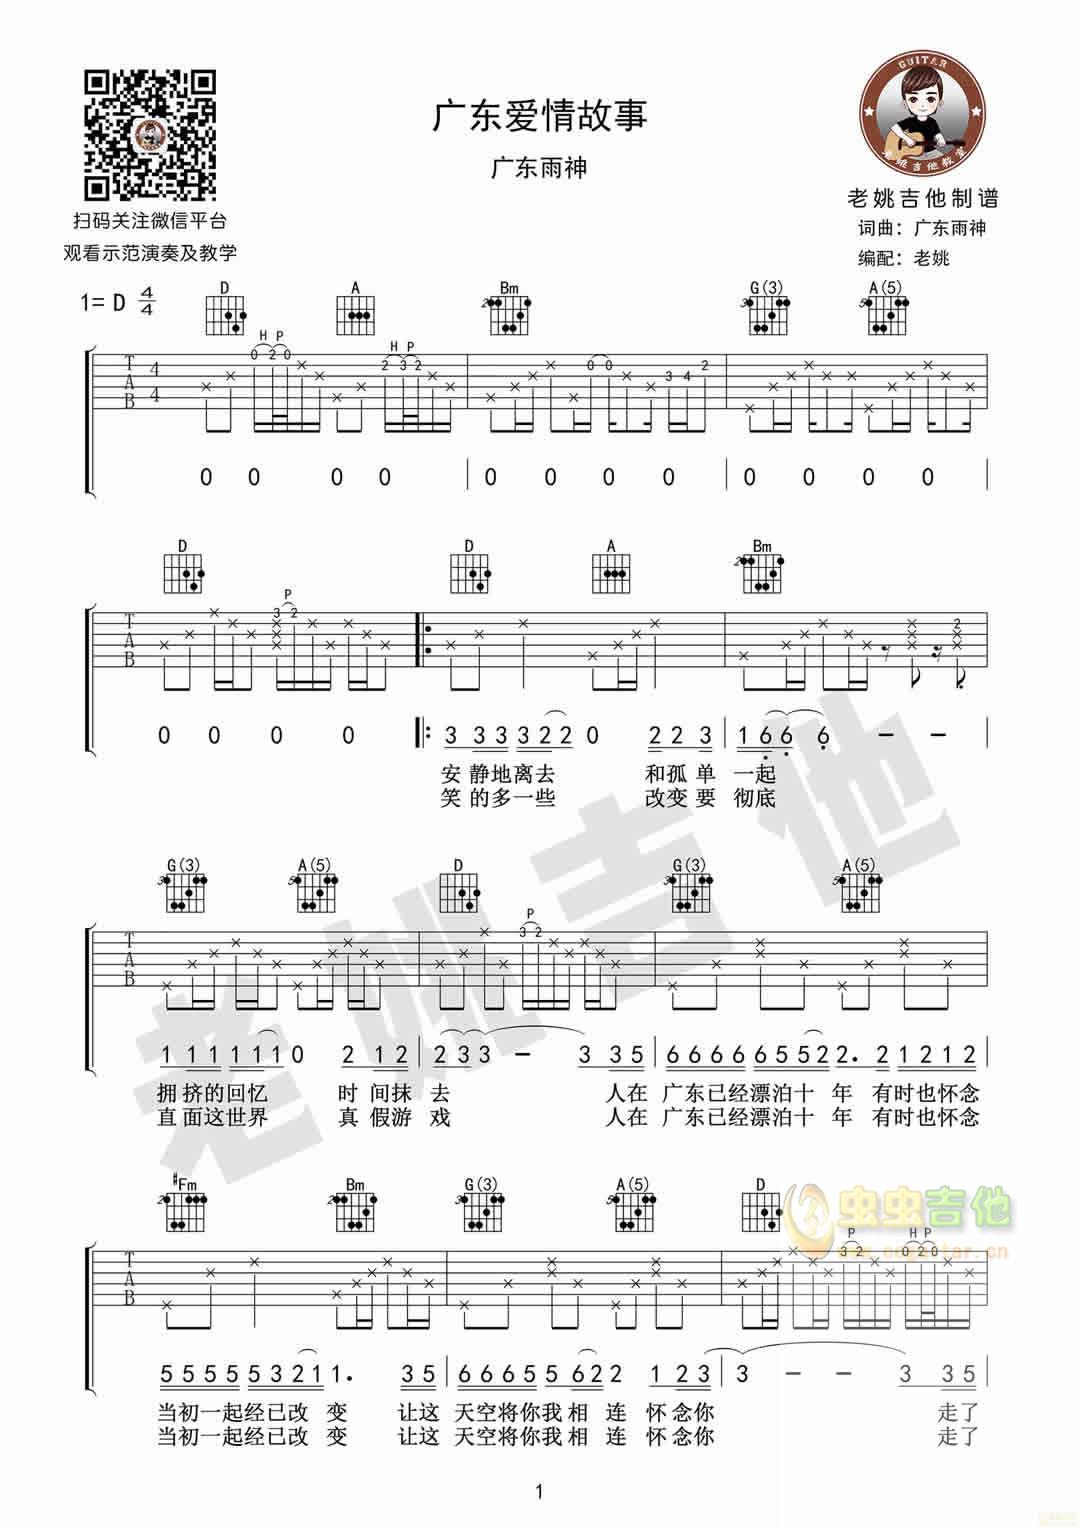 广东爱情故事(广东十年爱情故事)吉他弹唱谱[老